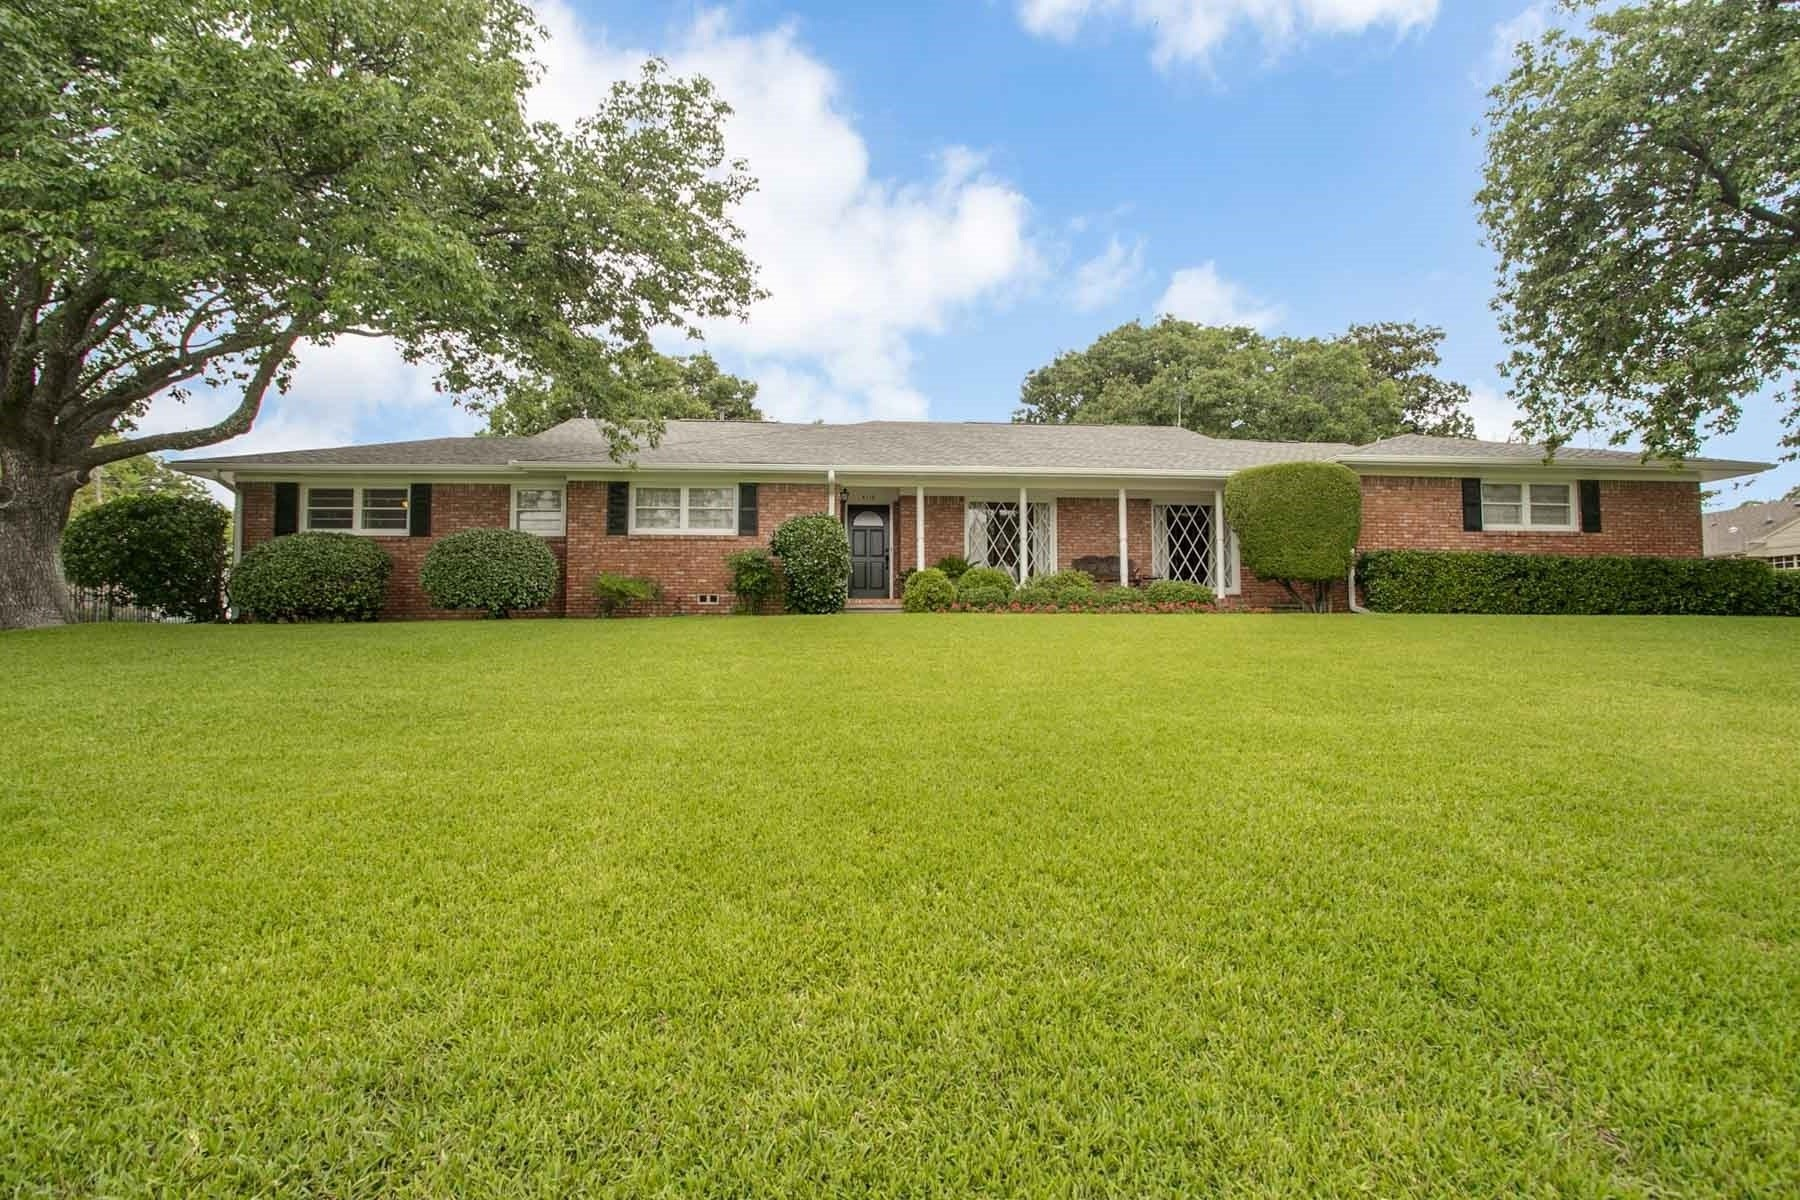 단독 가정 주택 용 매매 에 Westcliff Charmer in Tanglewood 4116 Hildring Drive East Fort Worth, 텍사스, 76109 미국